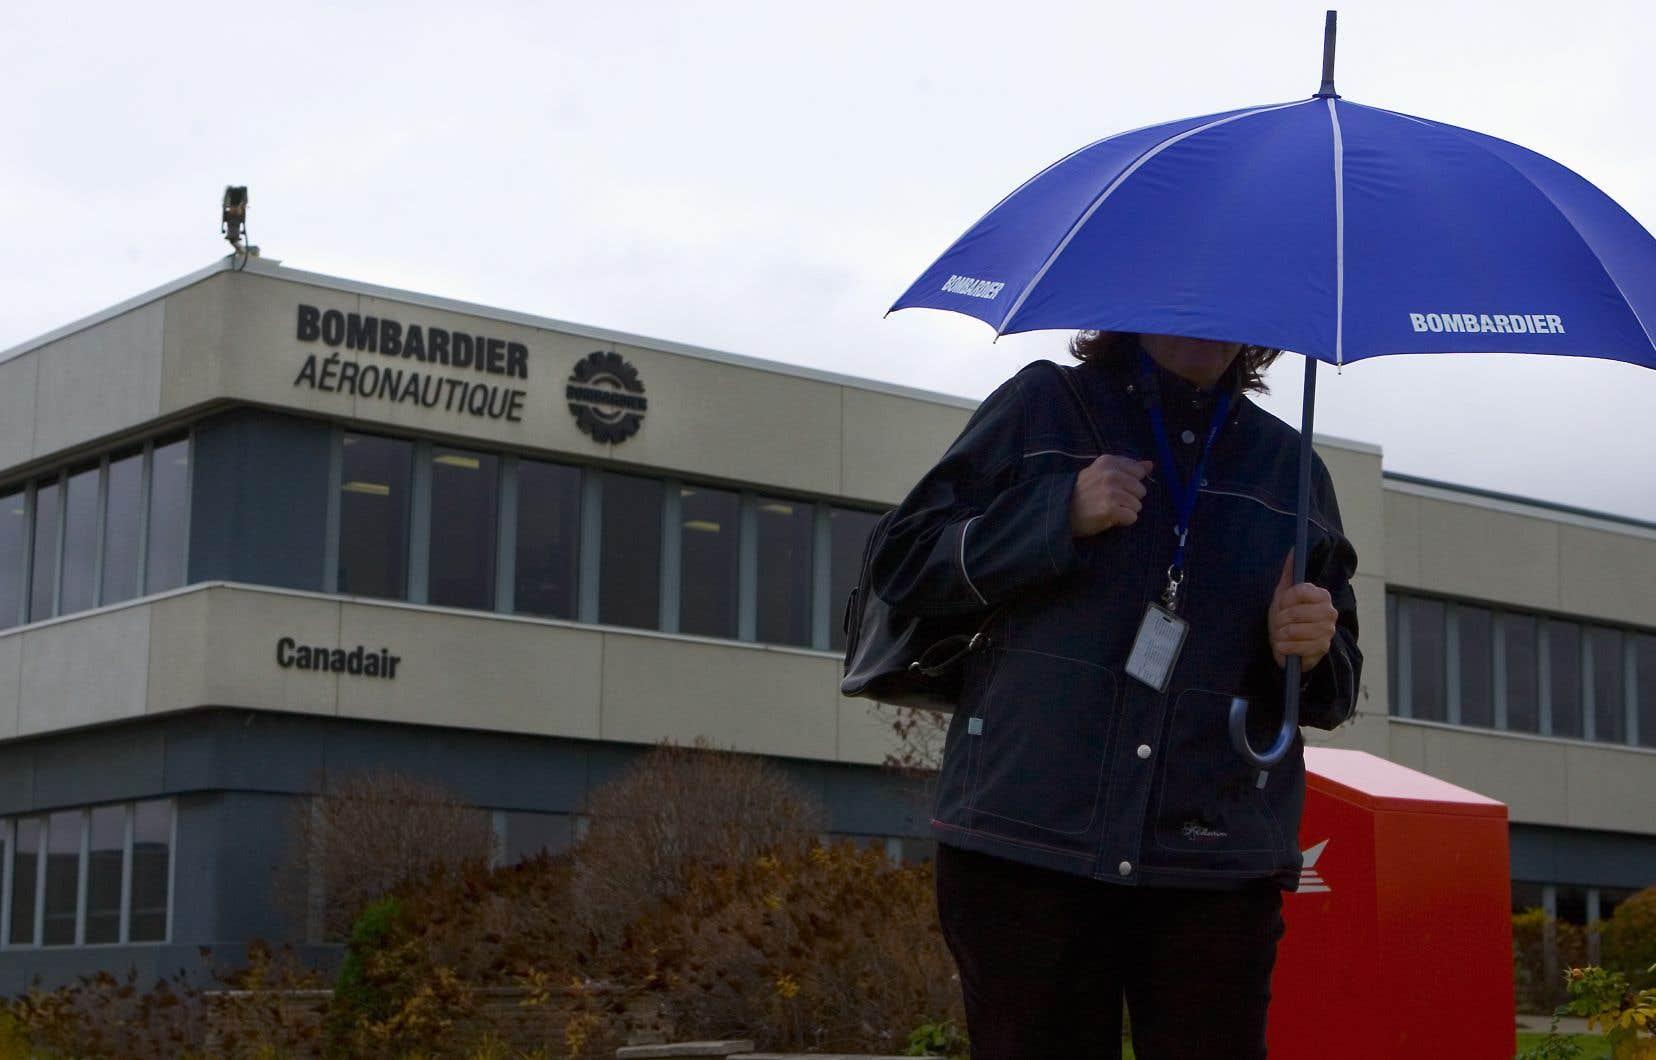 L'AMF s'est limitée à dire qu'elle avait demandé à Bombardier de suspendre, jusqu'à nouvel ordre, toute vente de titres en application du RATA et d'en aviser les courtiers exécutants.